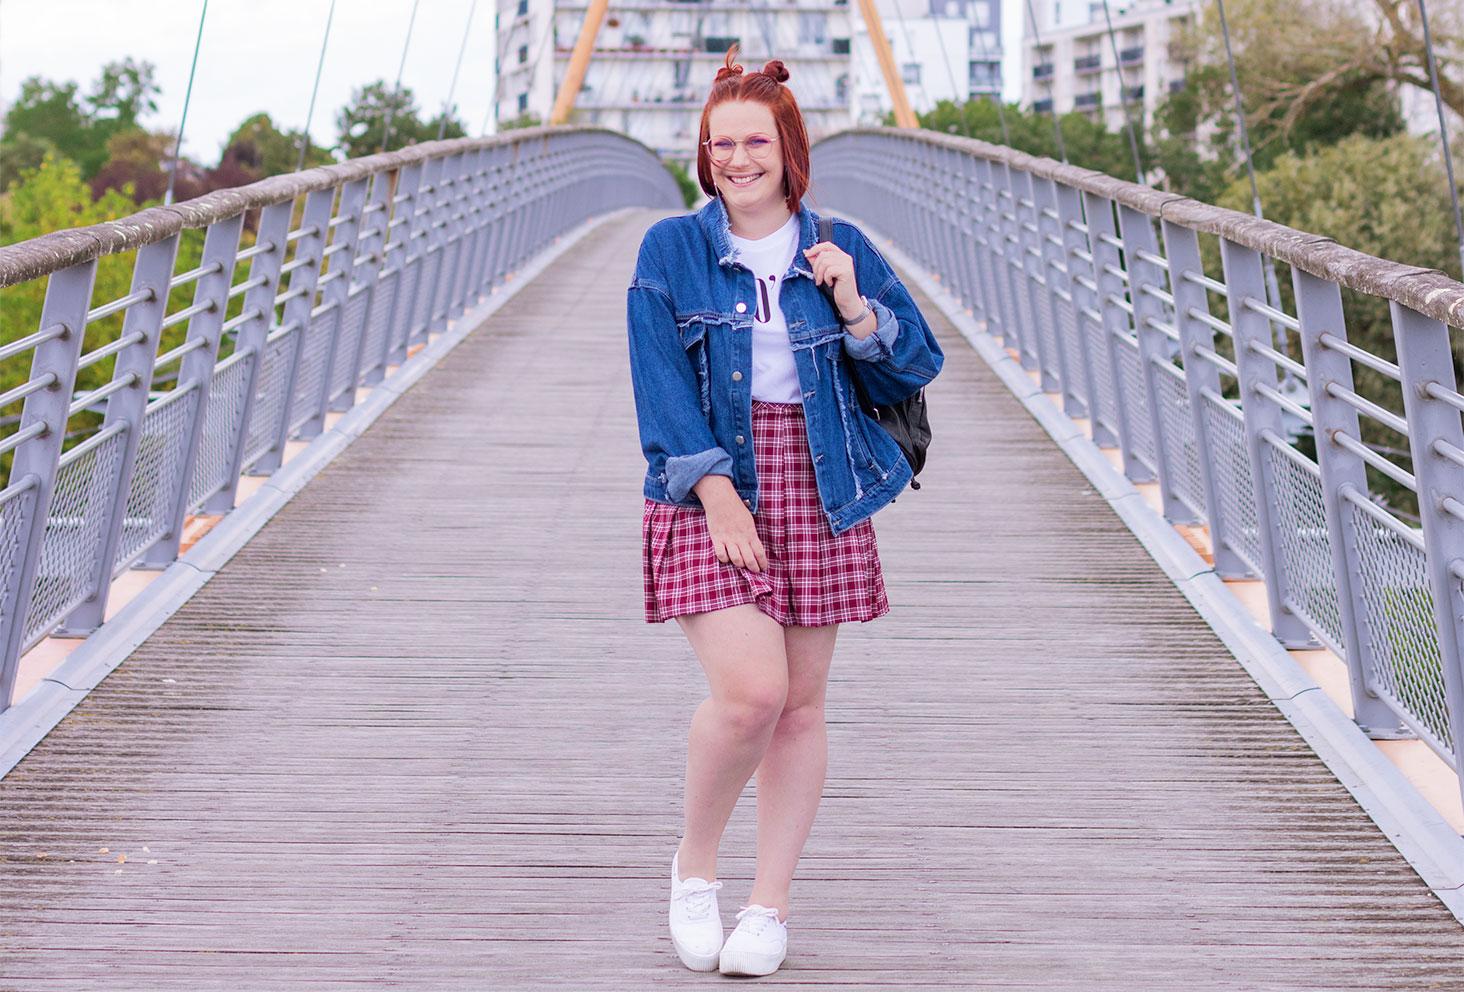 Au milieu d'un pont suspendu en look 90's vintage, jupe écolière et veste en jean oversize avec un sac à dos noir sur l'épaule